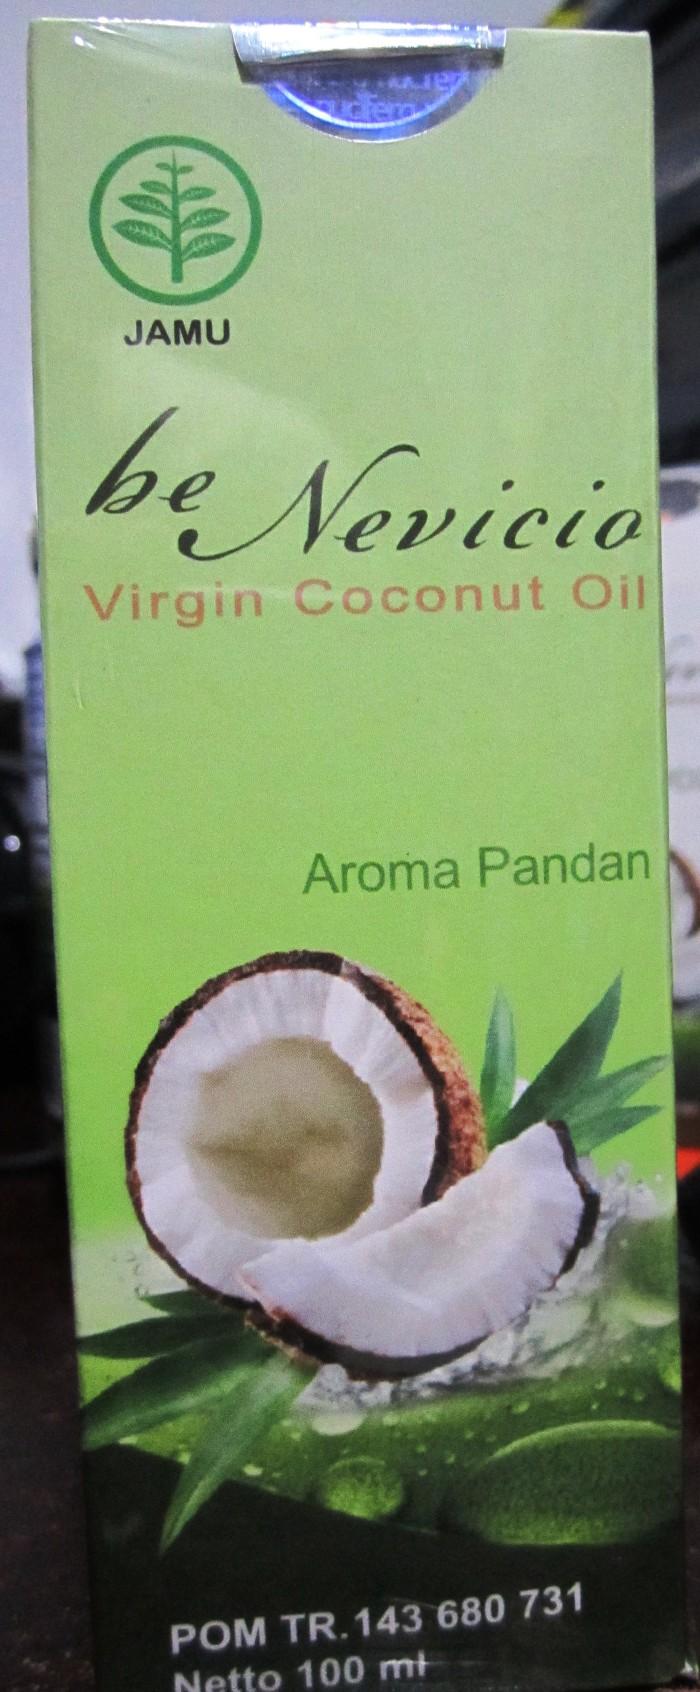 Jual Vco Virgin Coconut Oil Tokopediacom Cek Harga Di Lemonilo 100 Organic Extra 250 Ml Be Nevicio Minyak Kelapa Murni Aroma Pandan100m